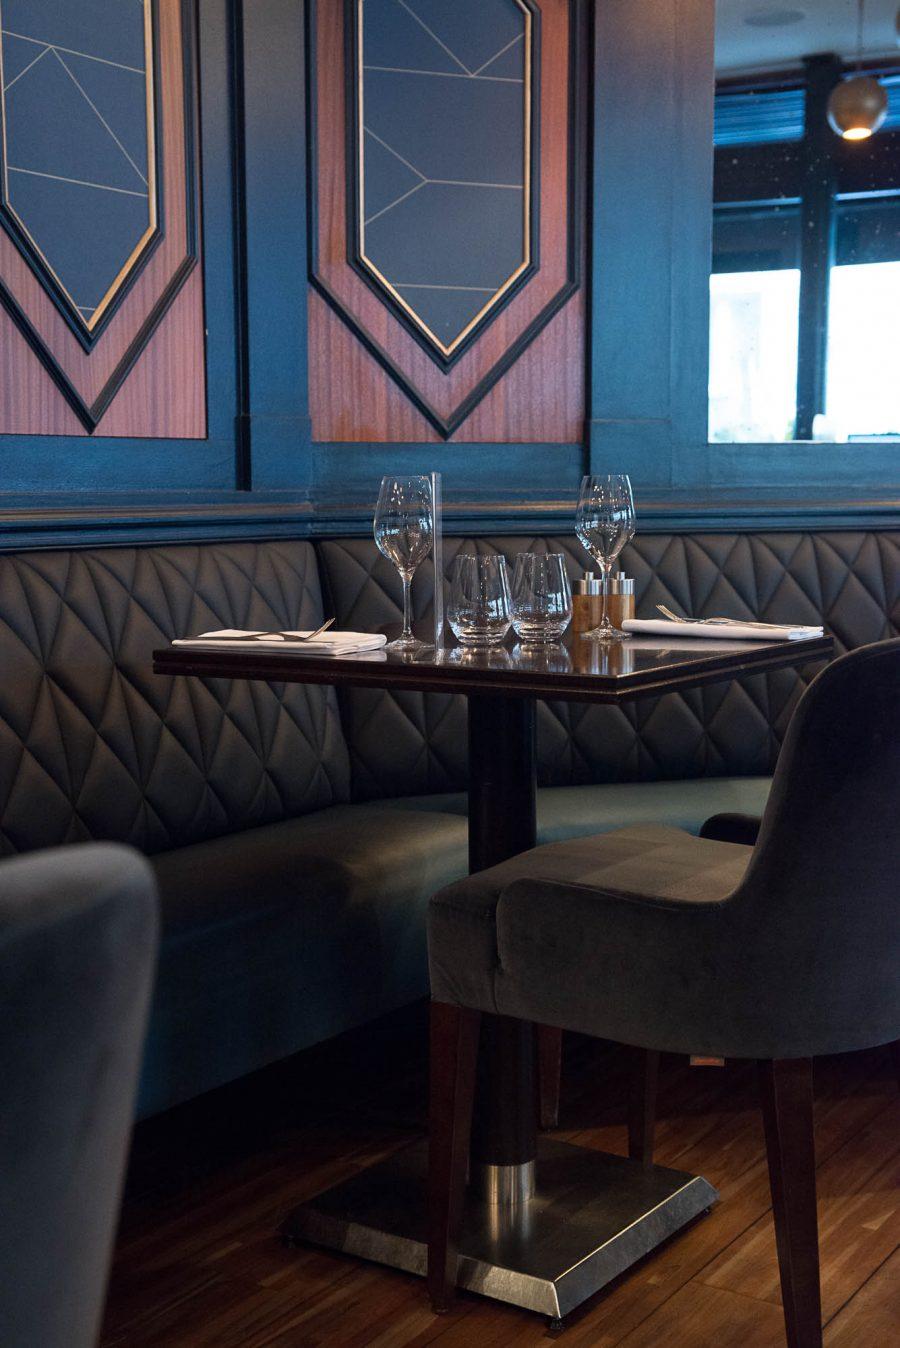 Intérieur du restaurant Le Marloe de Paris avec banquette en cuir matelassée et panneaux décoratifs de bois au motif hexagonal